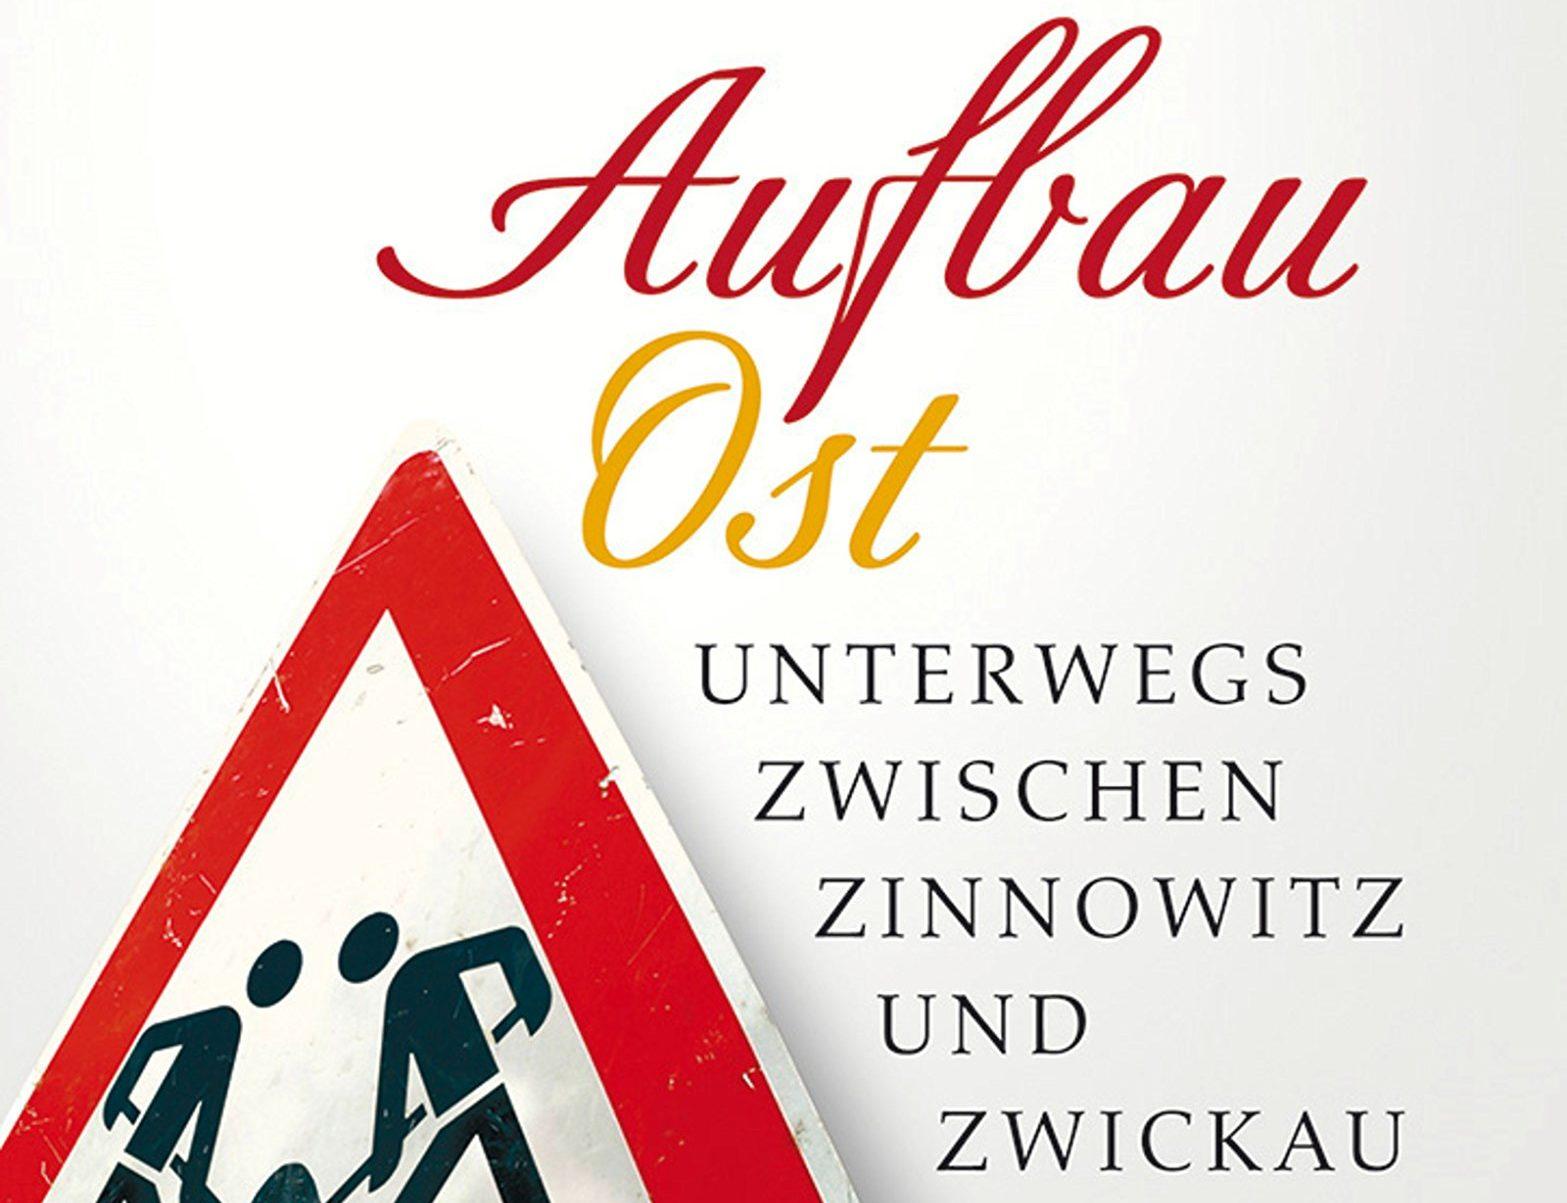 Claudia Rusch — Aufbau Ost. Unterwegs zwischen Zinnowitz und Zwickau.